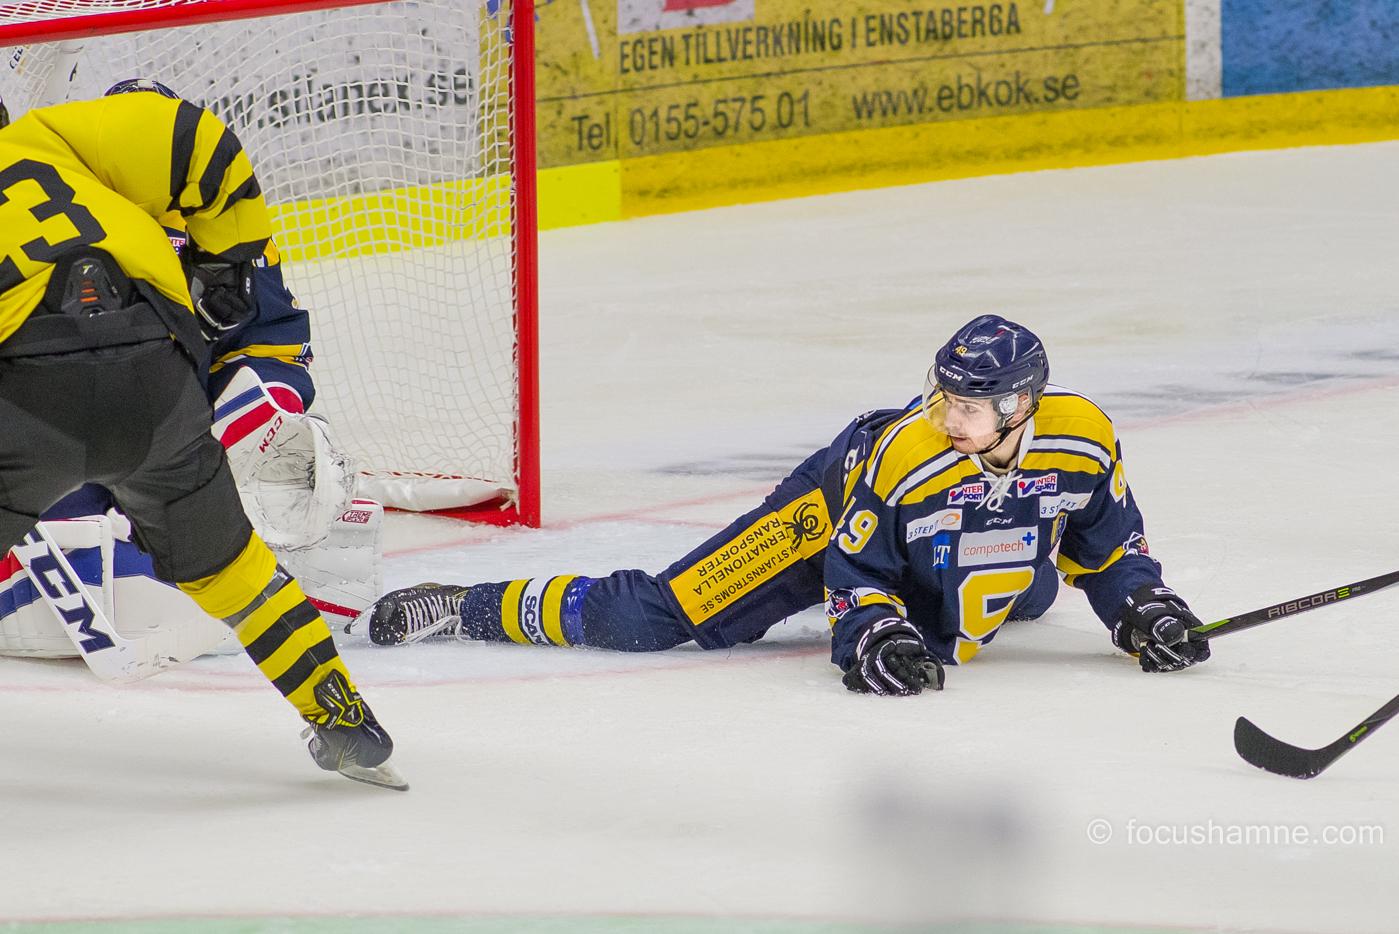 Jesper Wikström täcker av isen. Foto; David Nilsson Hamne